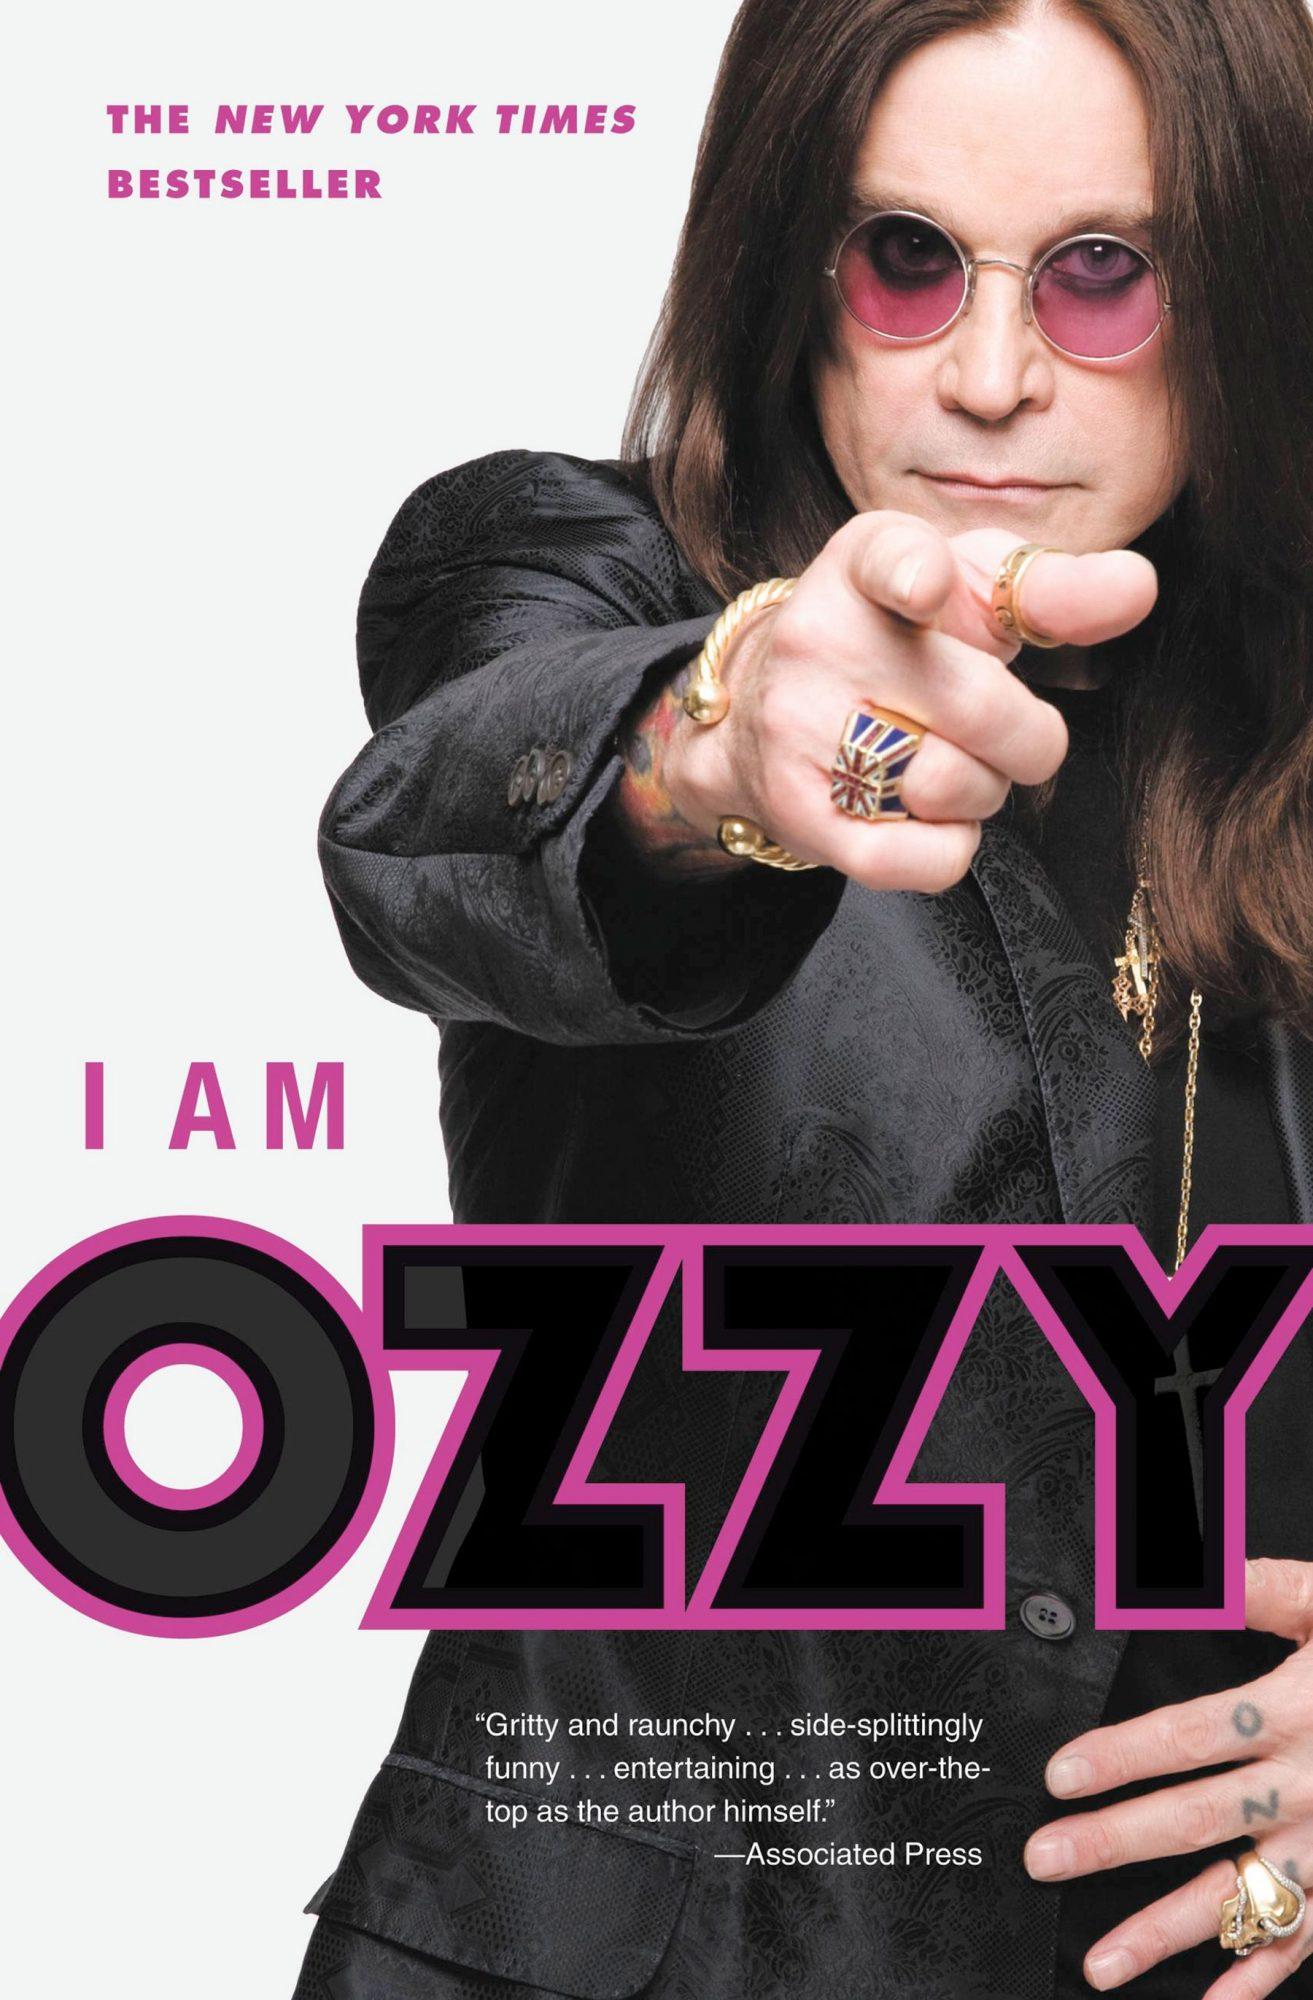 2. Ozzy Osbourne, I Am Ozzy